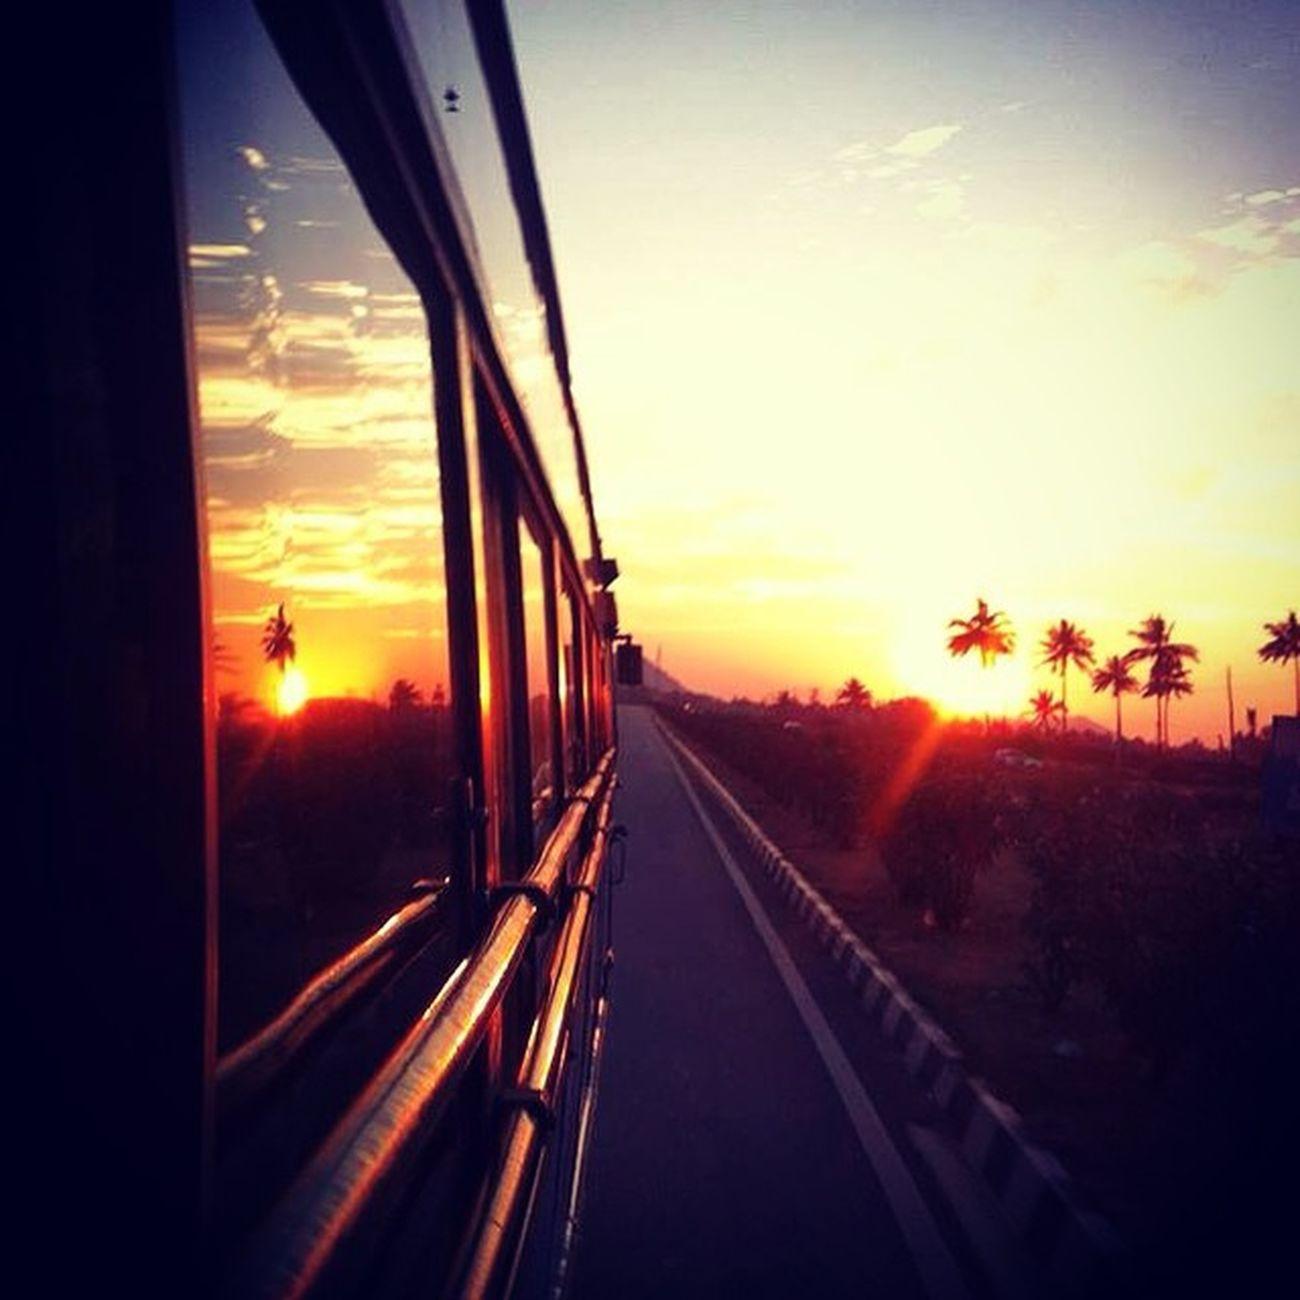 Road Bus Sun Sunset Ssunshot NH4 Bangalore Bangaluru Reflection Window Travel Photooftheday VSCO Vscocam Instairis Instacolors Instaevening Instabangalore IPhone Namma_karnataka Nammakarnatakamemes Karnataka India